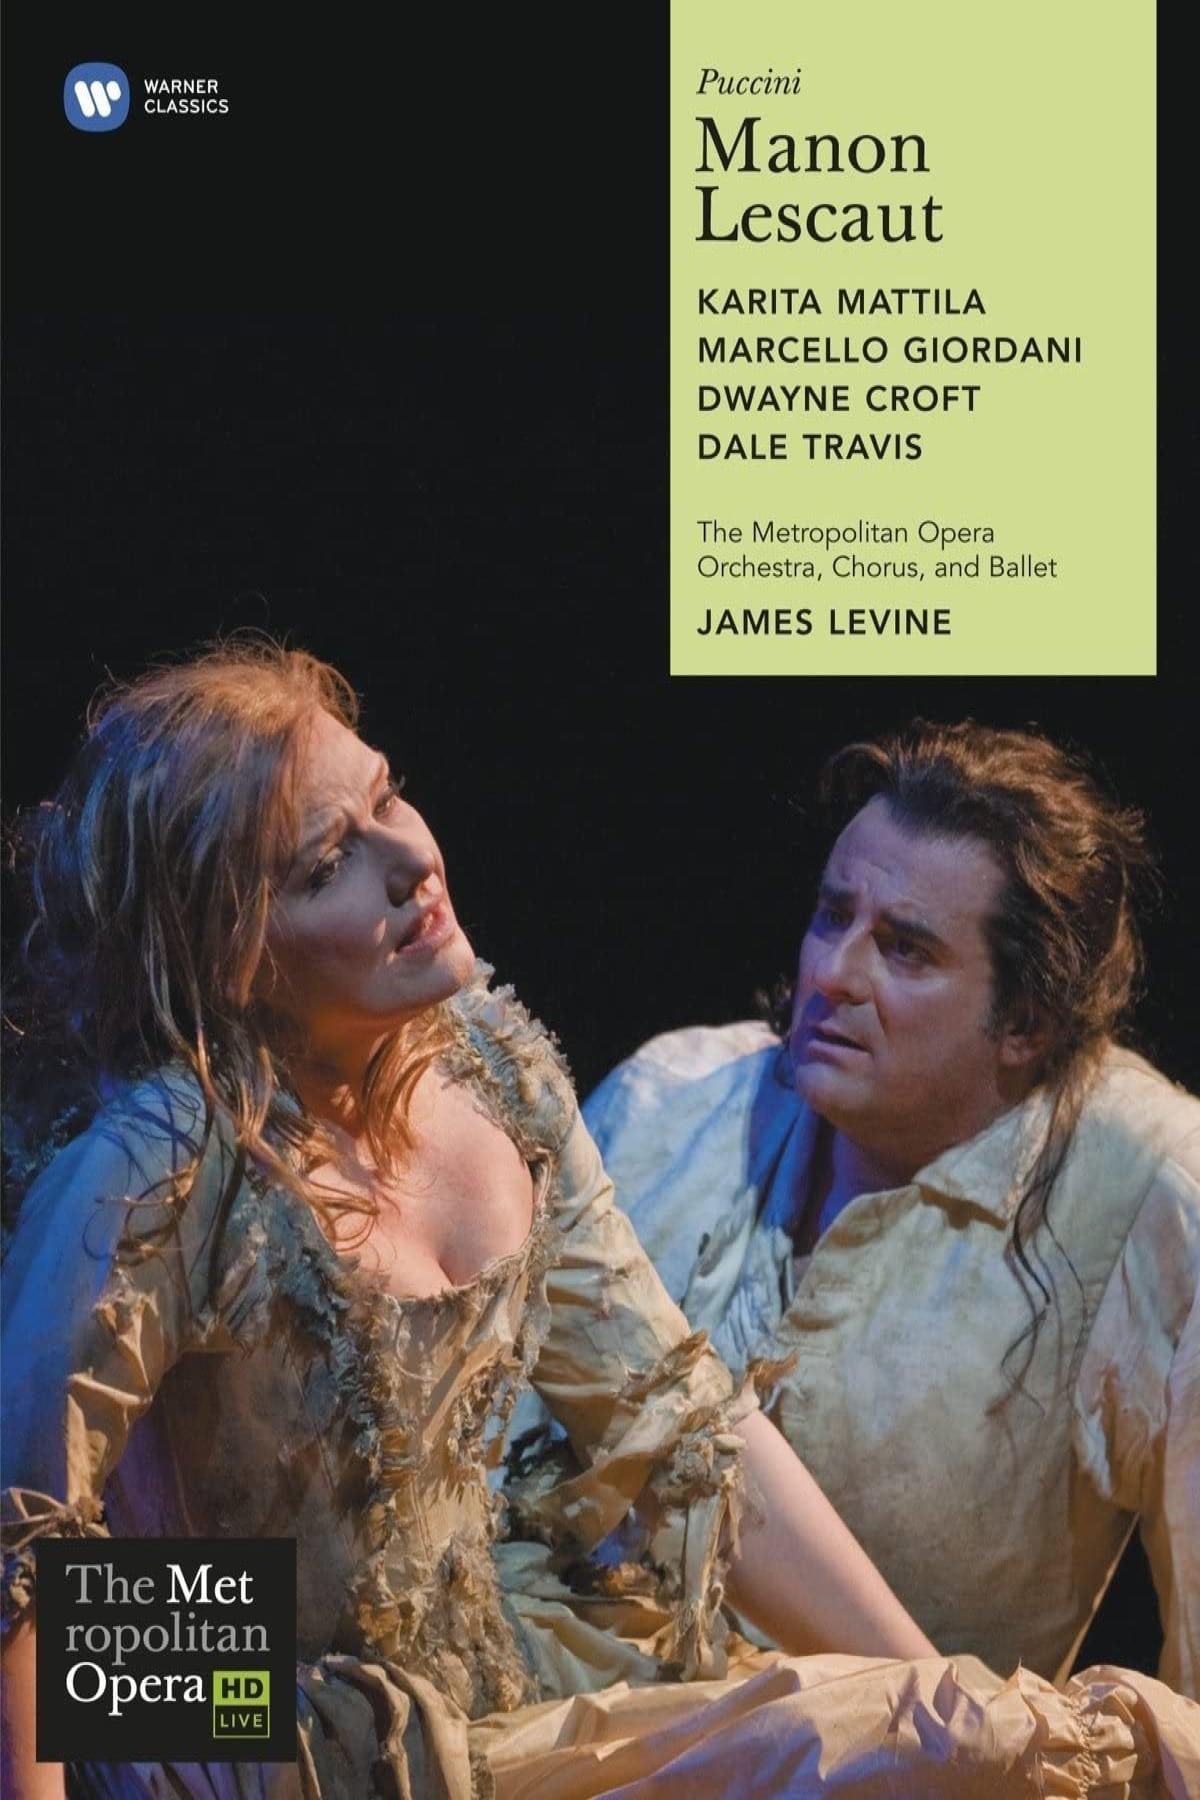 Manon Lescaut – The Met